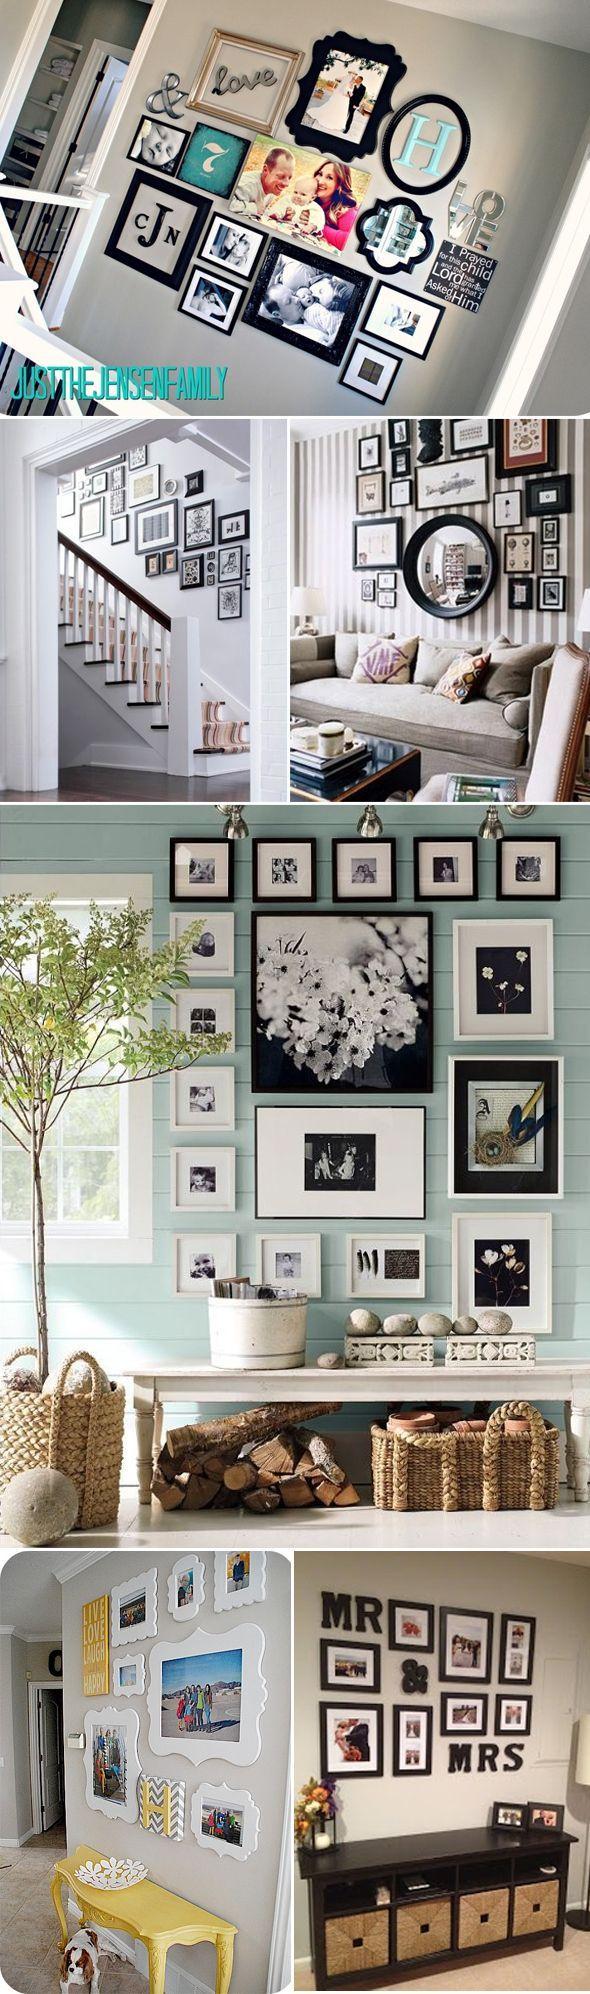 Ideias de disposio de fotosquadros na parede